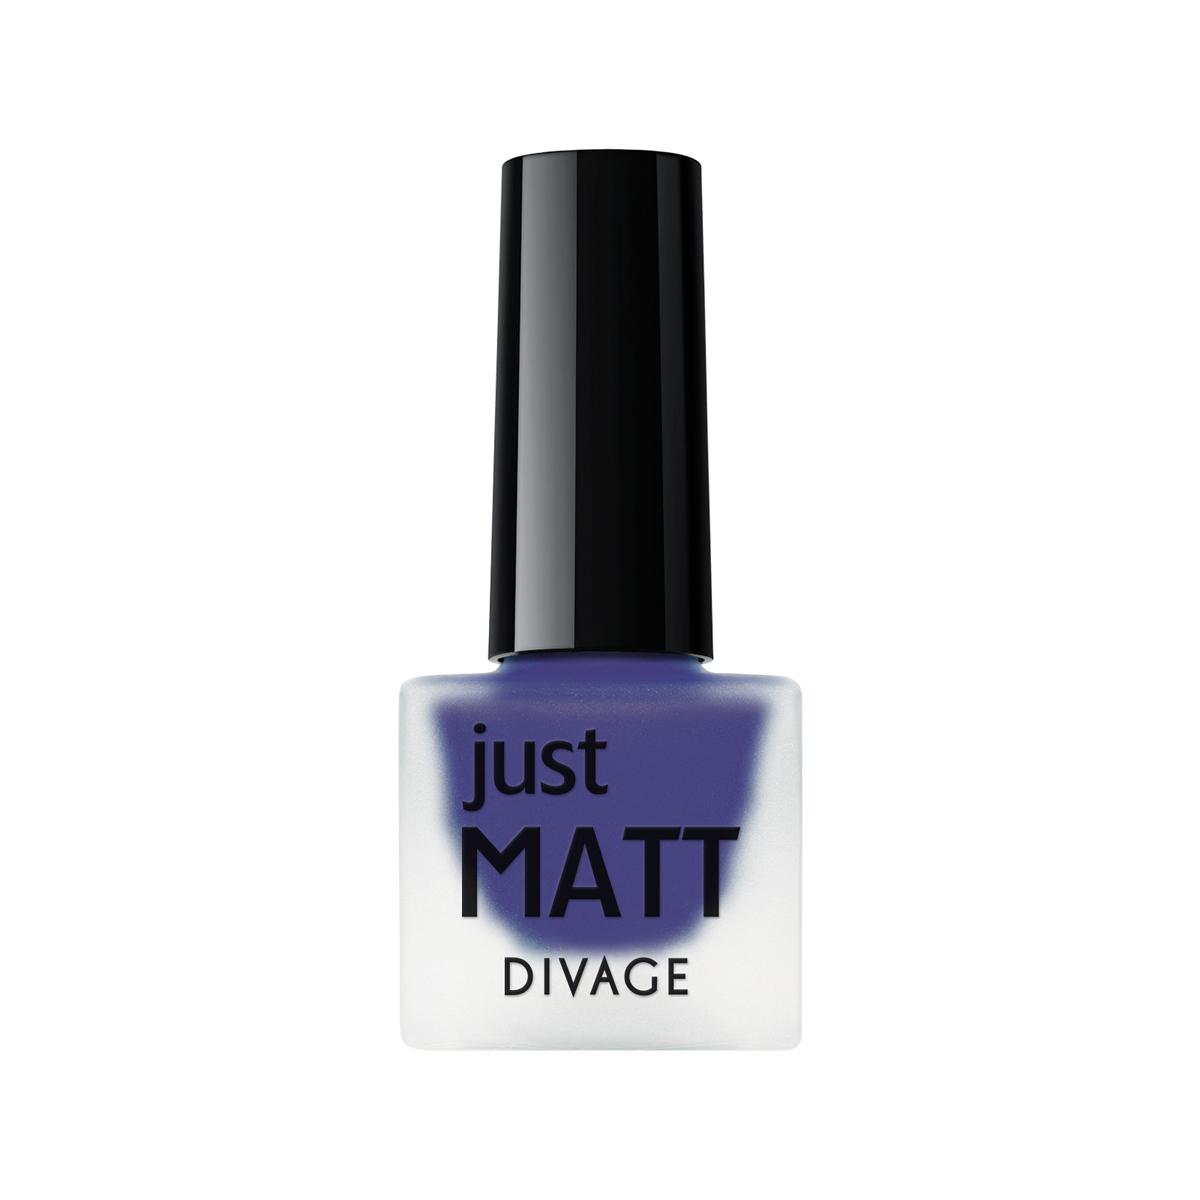 DIVAGE Лак для ногтей JUST MATT, тон № 5603, 7 мл215526Легкая мягкая текстура лака позволяет выполнить маникюр с эффектом матового покрытия. Настоящая бархатная фантазия для твоего образа. Лак выравнивает неровности ногтевой пластины и позволяет создать идеальный маникюр с насыщенным цветом в один слой. Коллекция постоянно дополняется и обновляется новыми актуальными цветами. С оттенками коллекции JUST MATT легко воплотить в жизнь различные nail-дизайны, и каждый раз ваш маникюр будет смотреться стильно и по-новому!Легкая мягкая текстура лака позволяет выполнить маникюр с эффектом матового покрытия.Настоящая бархатная фантазия для твоего образа. Лак выравнивает неровности ногтевой пластины и позволяет создать идеальный маникюр с насыщенным цветом в один слой. Коллекция постоянно дополняется и обновляется новыми актуальными цветами.